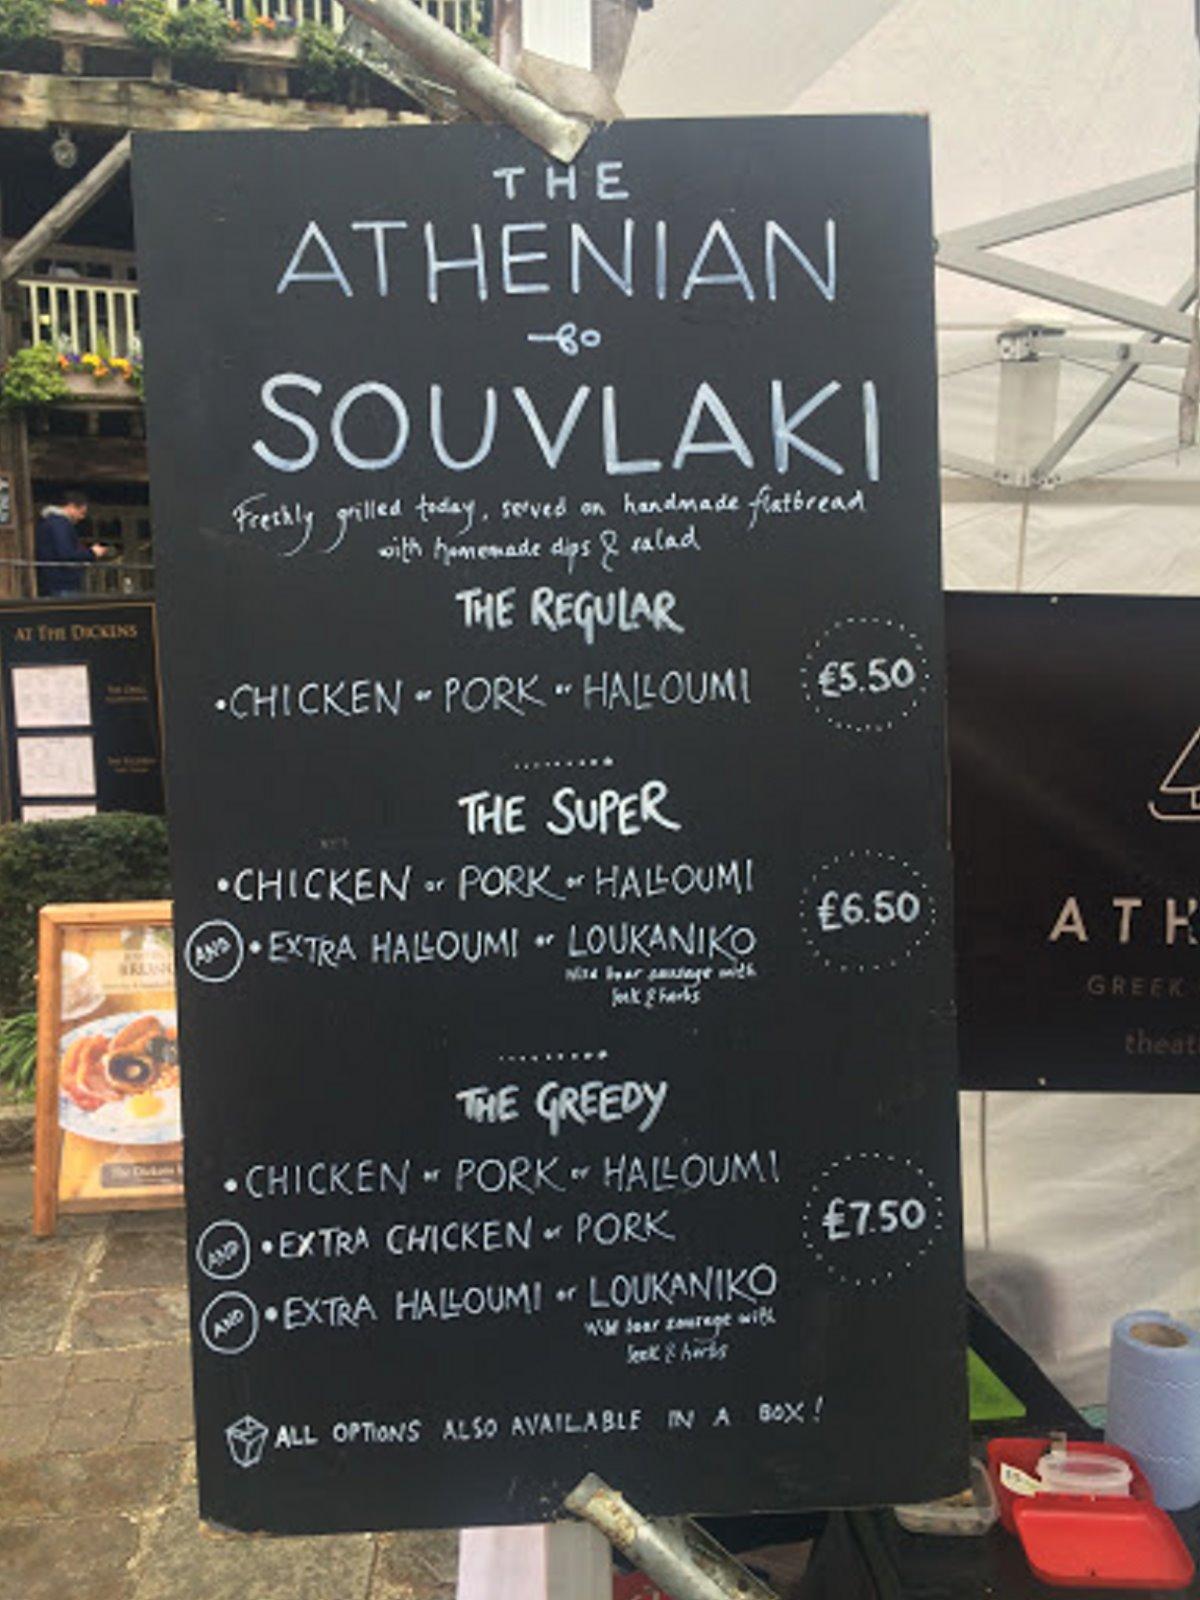 The Athenian Βρετανία σουβλατζίδικο καλύτερο εστιατόριο σε γεύσεις και τιμές